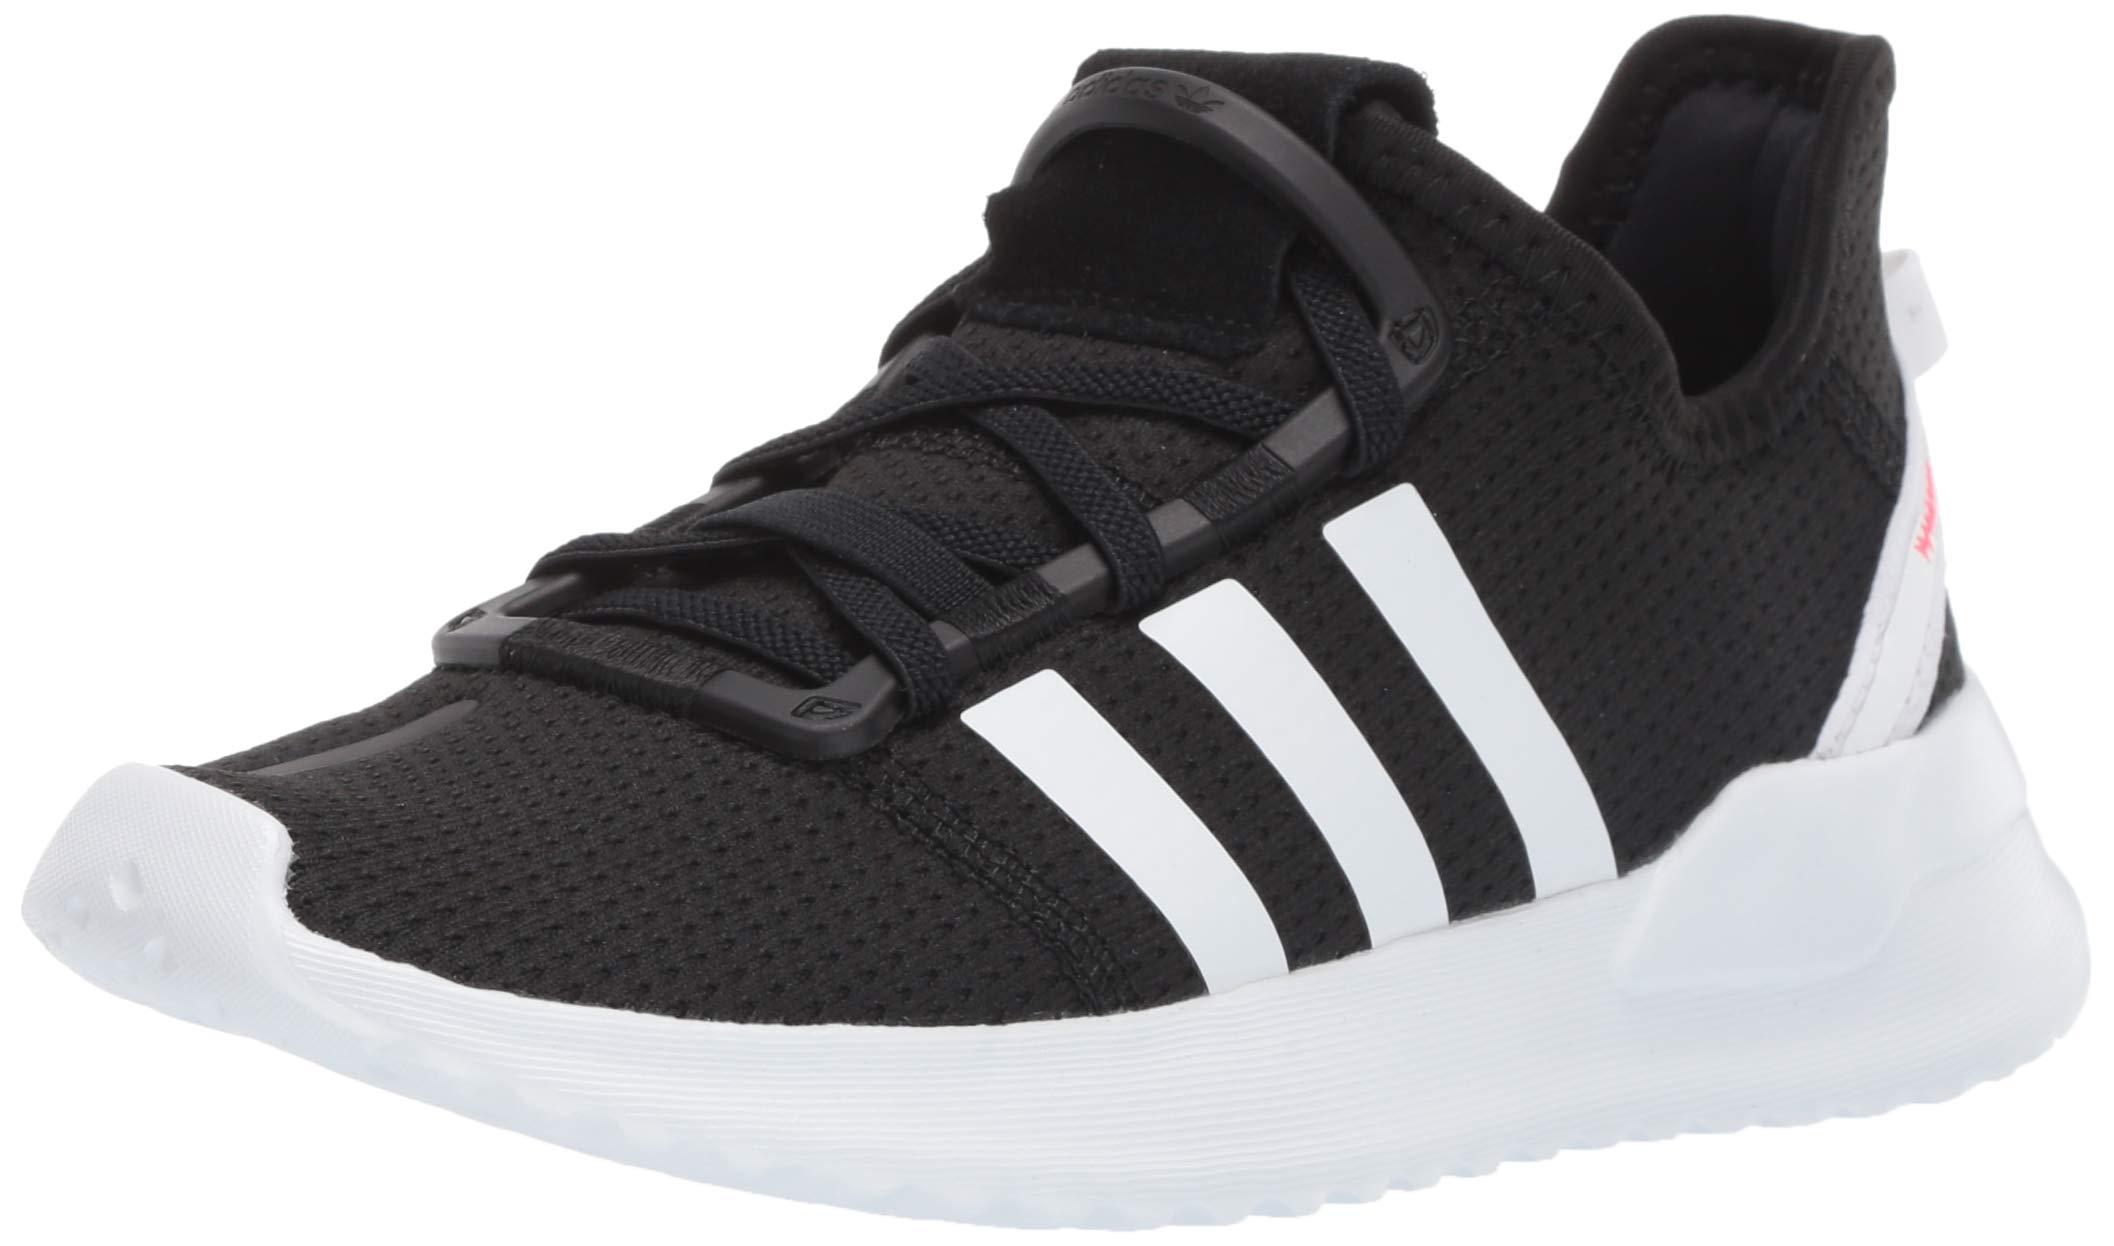 adidas Originals Baby U_Path Running Shoe Black/White/Shock red 4K M US Toddler